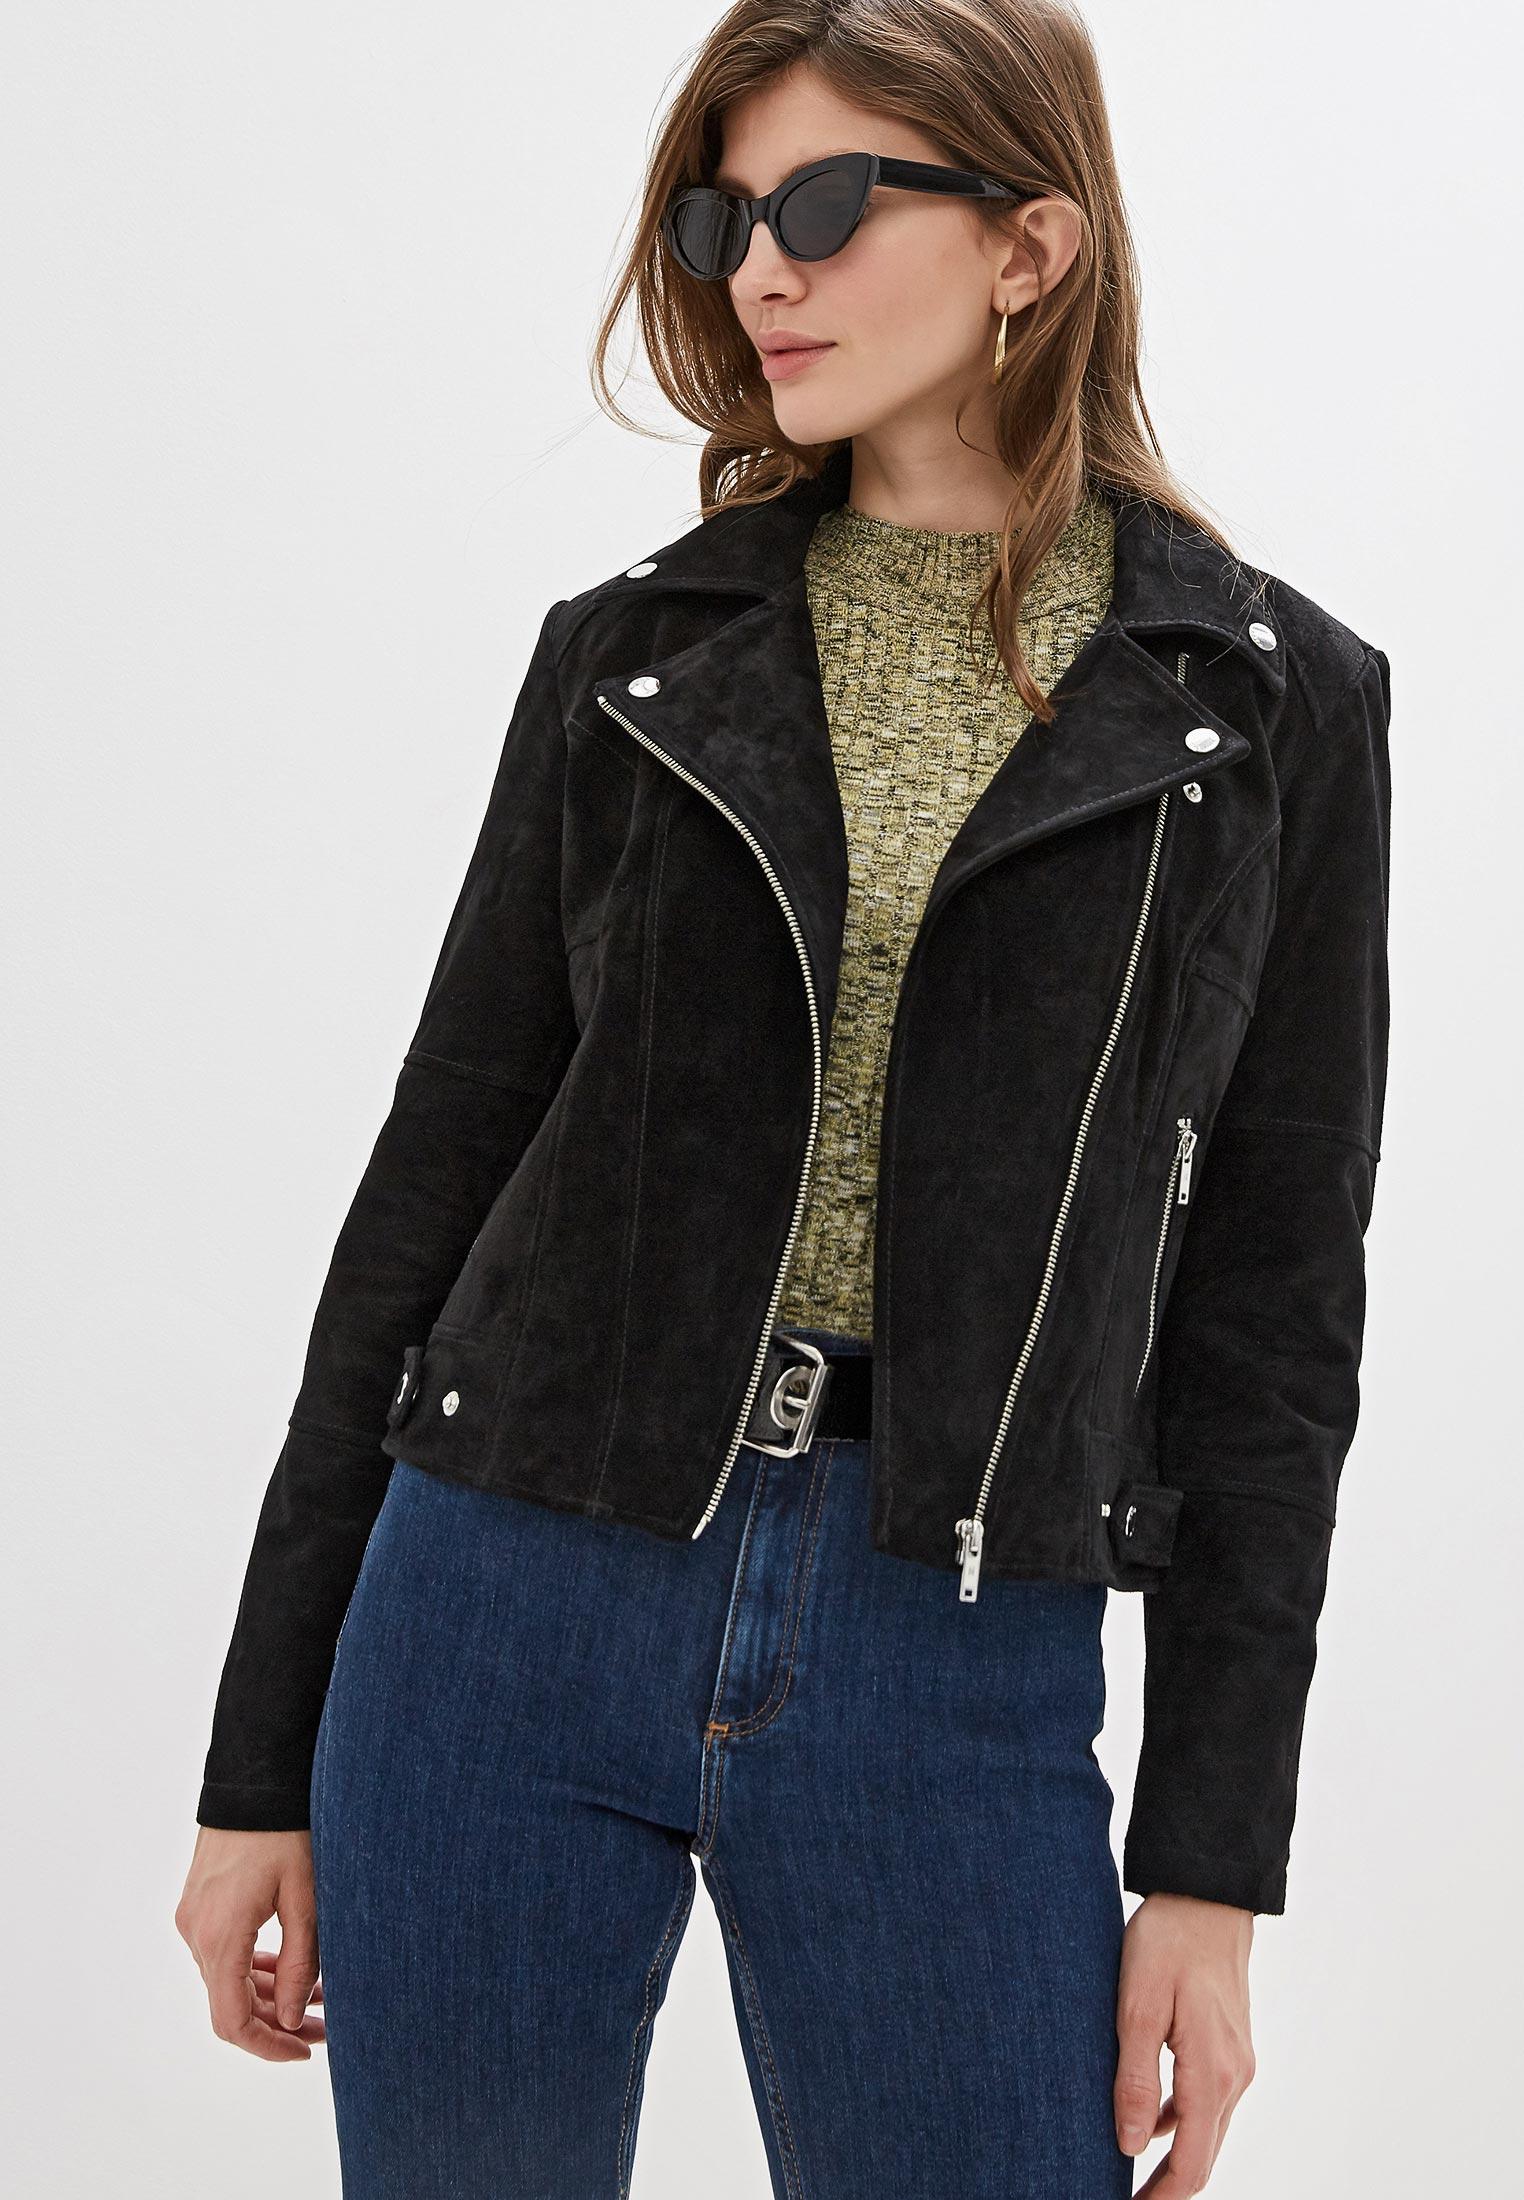 Куртка кожаная, Noisy May, цвет: черный. Артикул: NO963EWFOZG7. Одежда / Верхняя одежда / Косухи